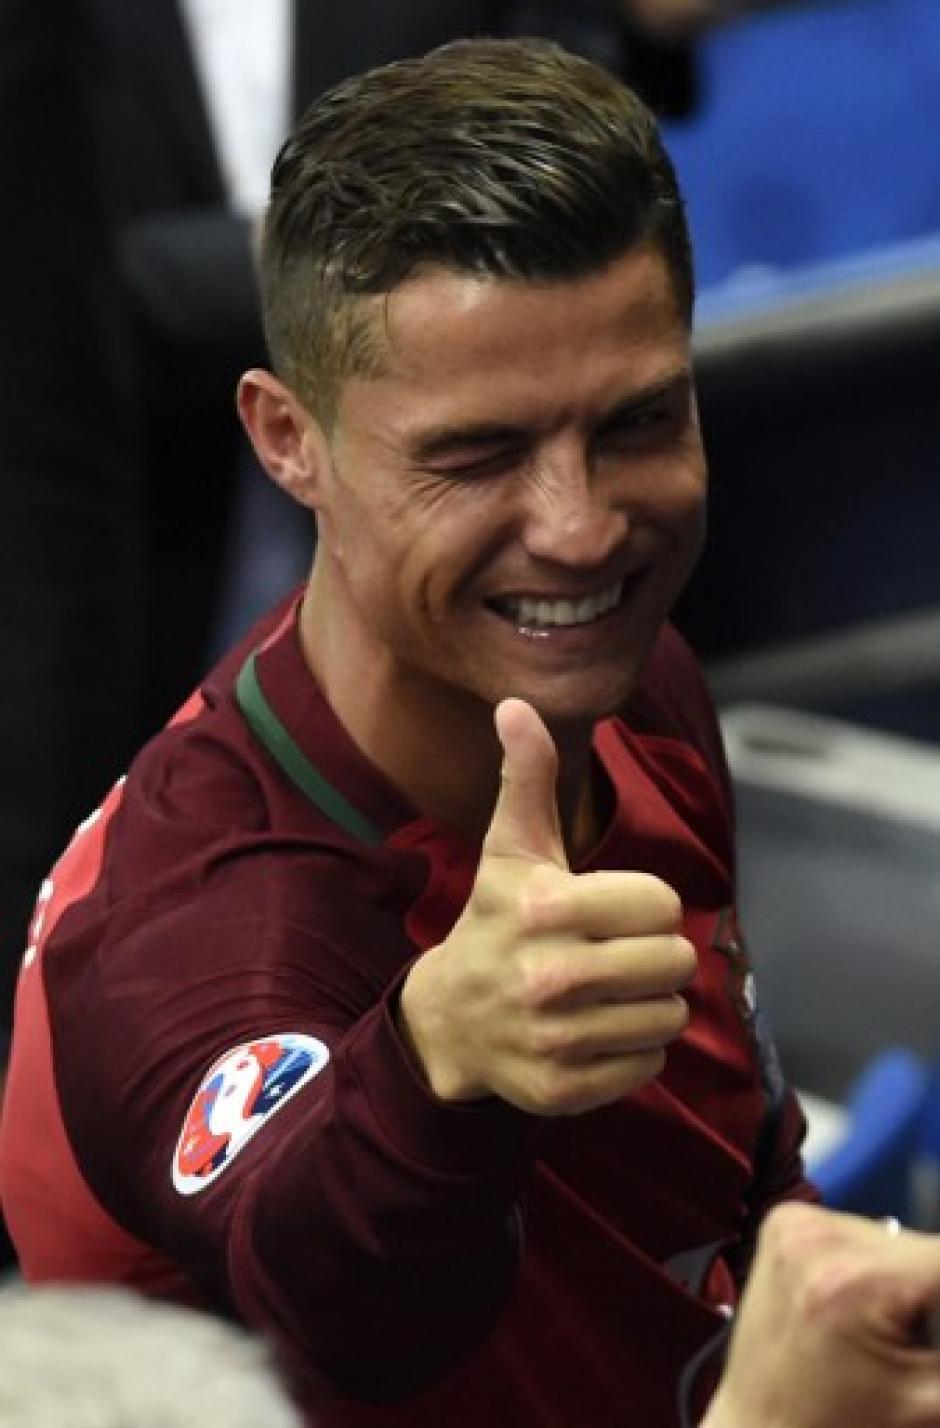 Cristiano celebró con todos los que pudo tras derrotar a Francia. (Foto: AFP)